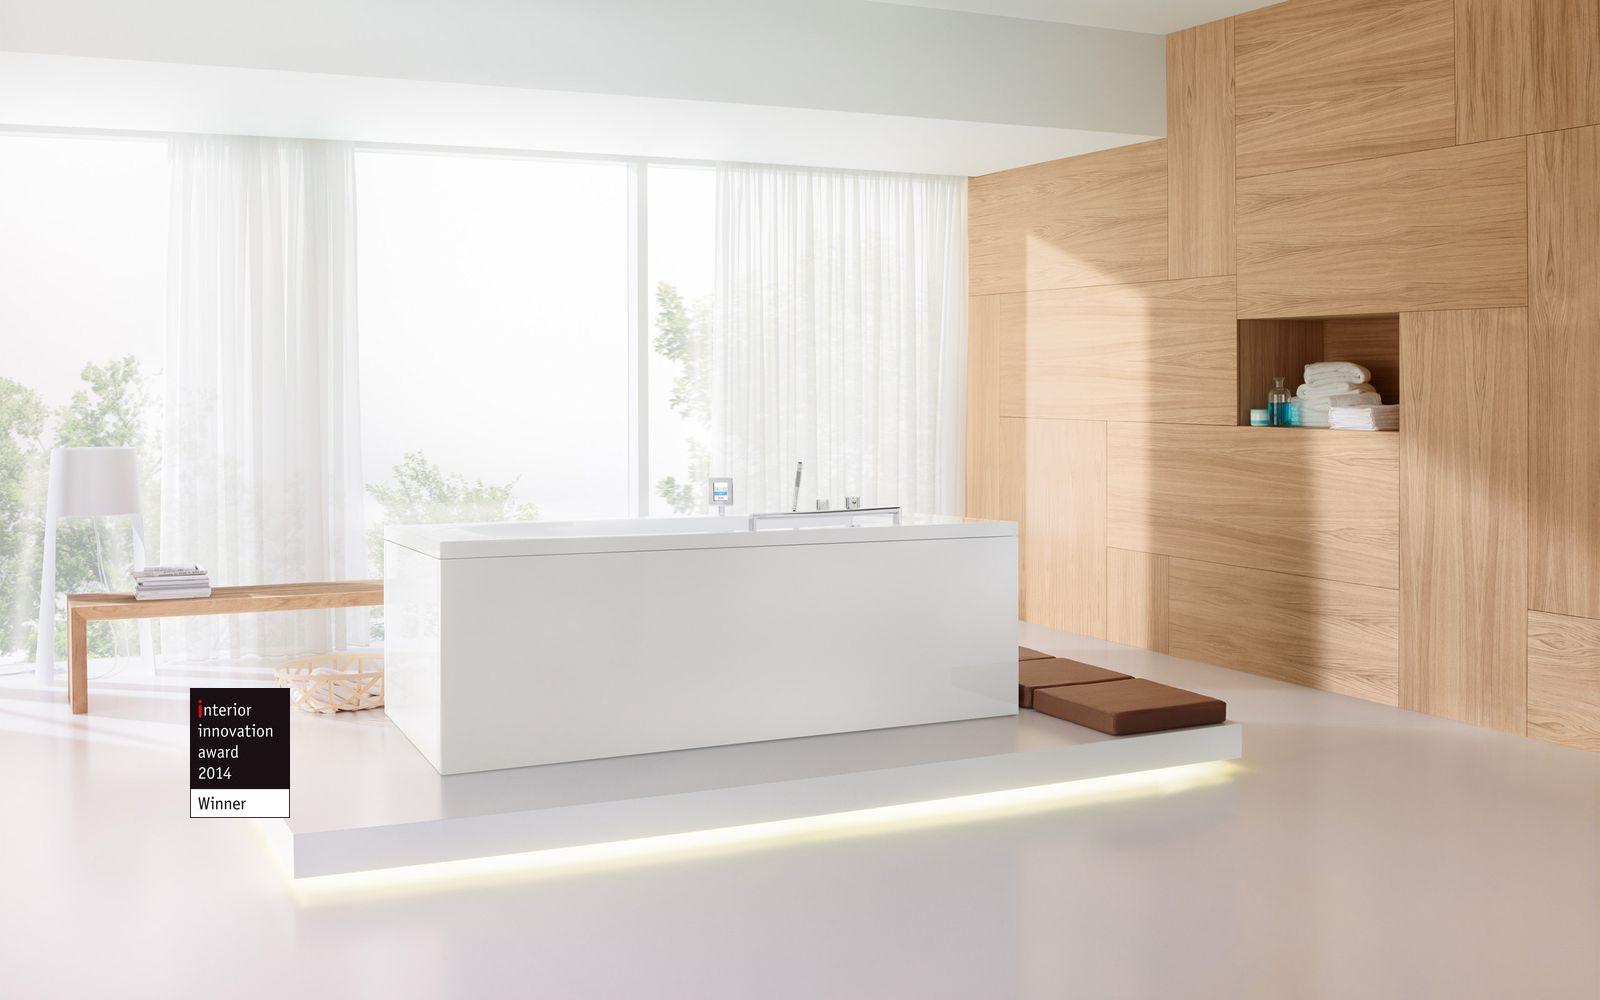 evitarium evitarium klafs gmbh co kg. Black Bedroom Furniture Sets. Home Design Ideas